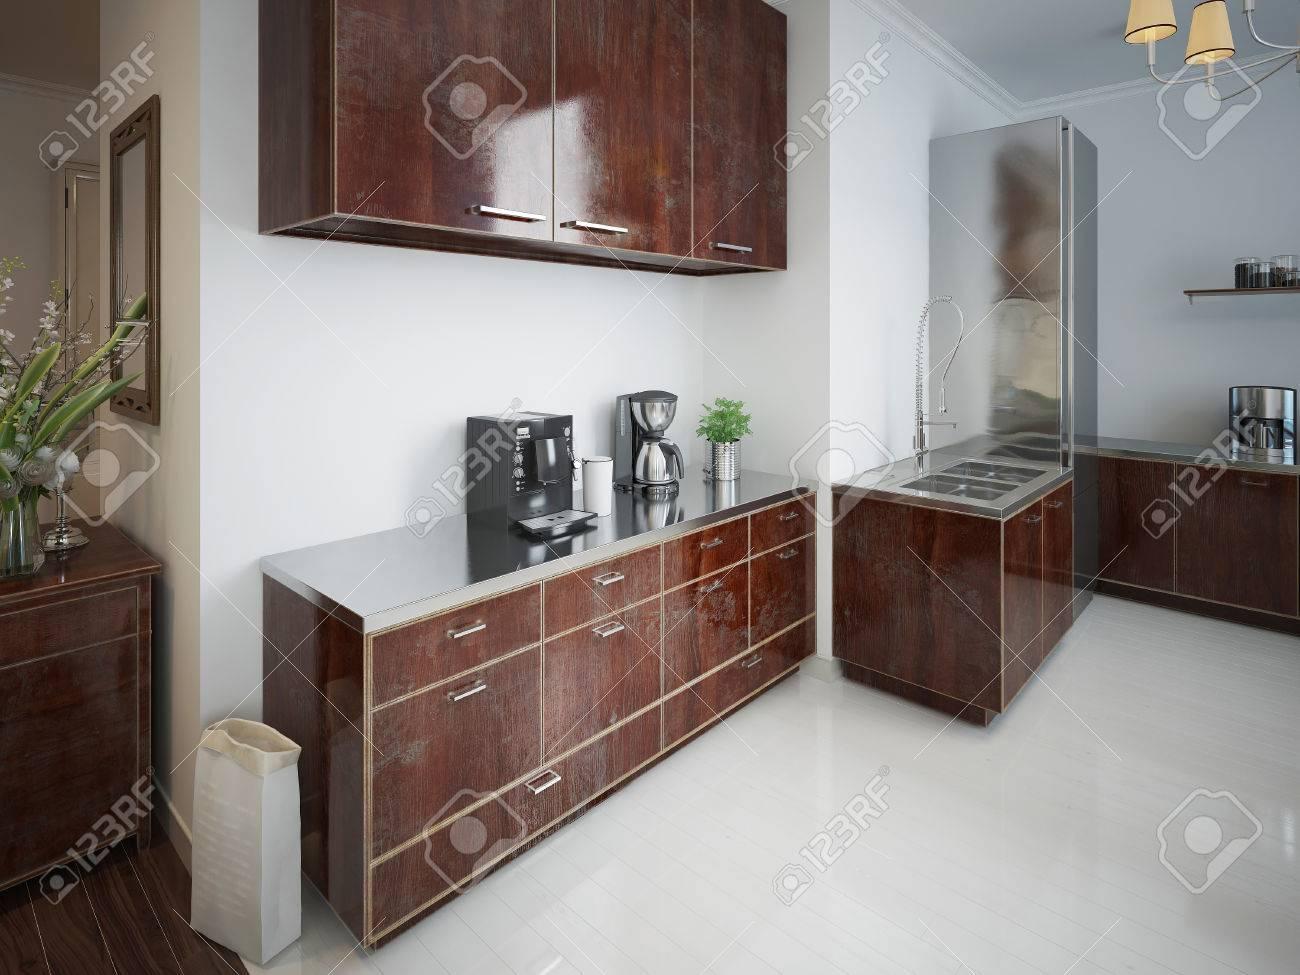 Cocina Contemporánea Con Muebles De Madera De Color Marrón. 3d ...